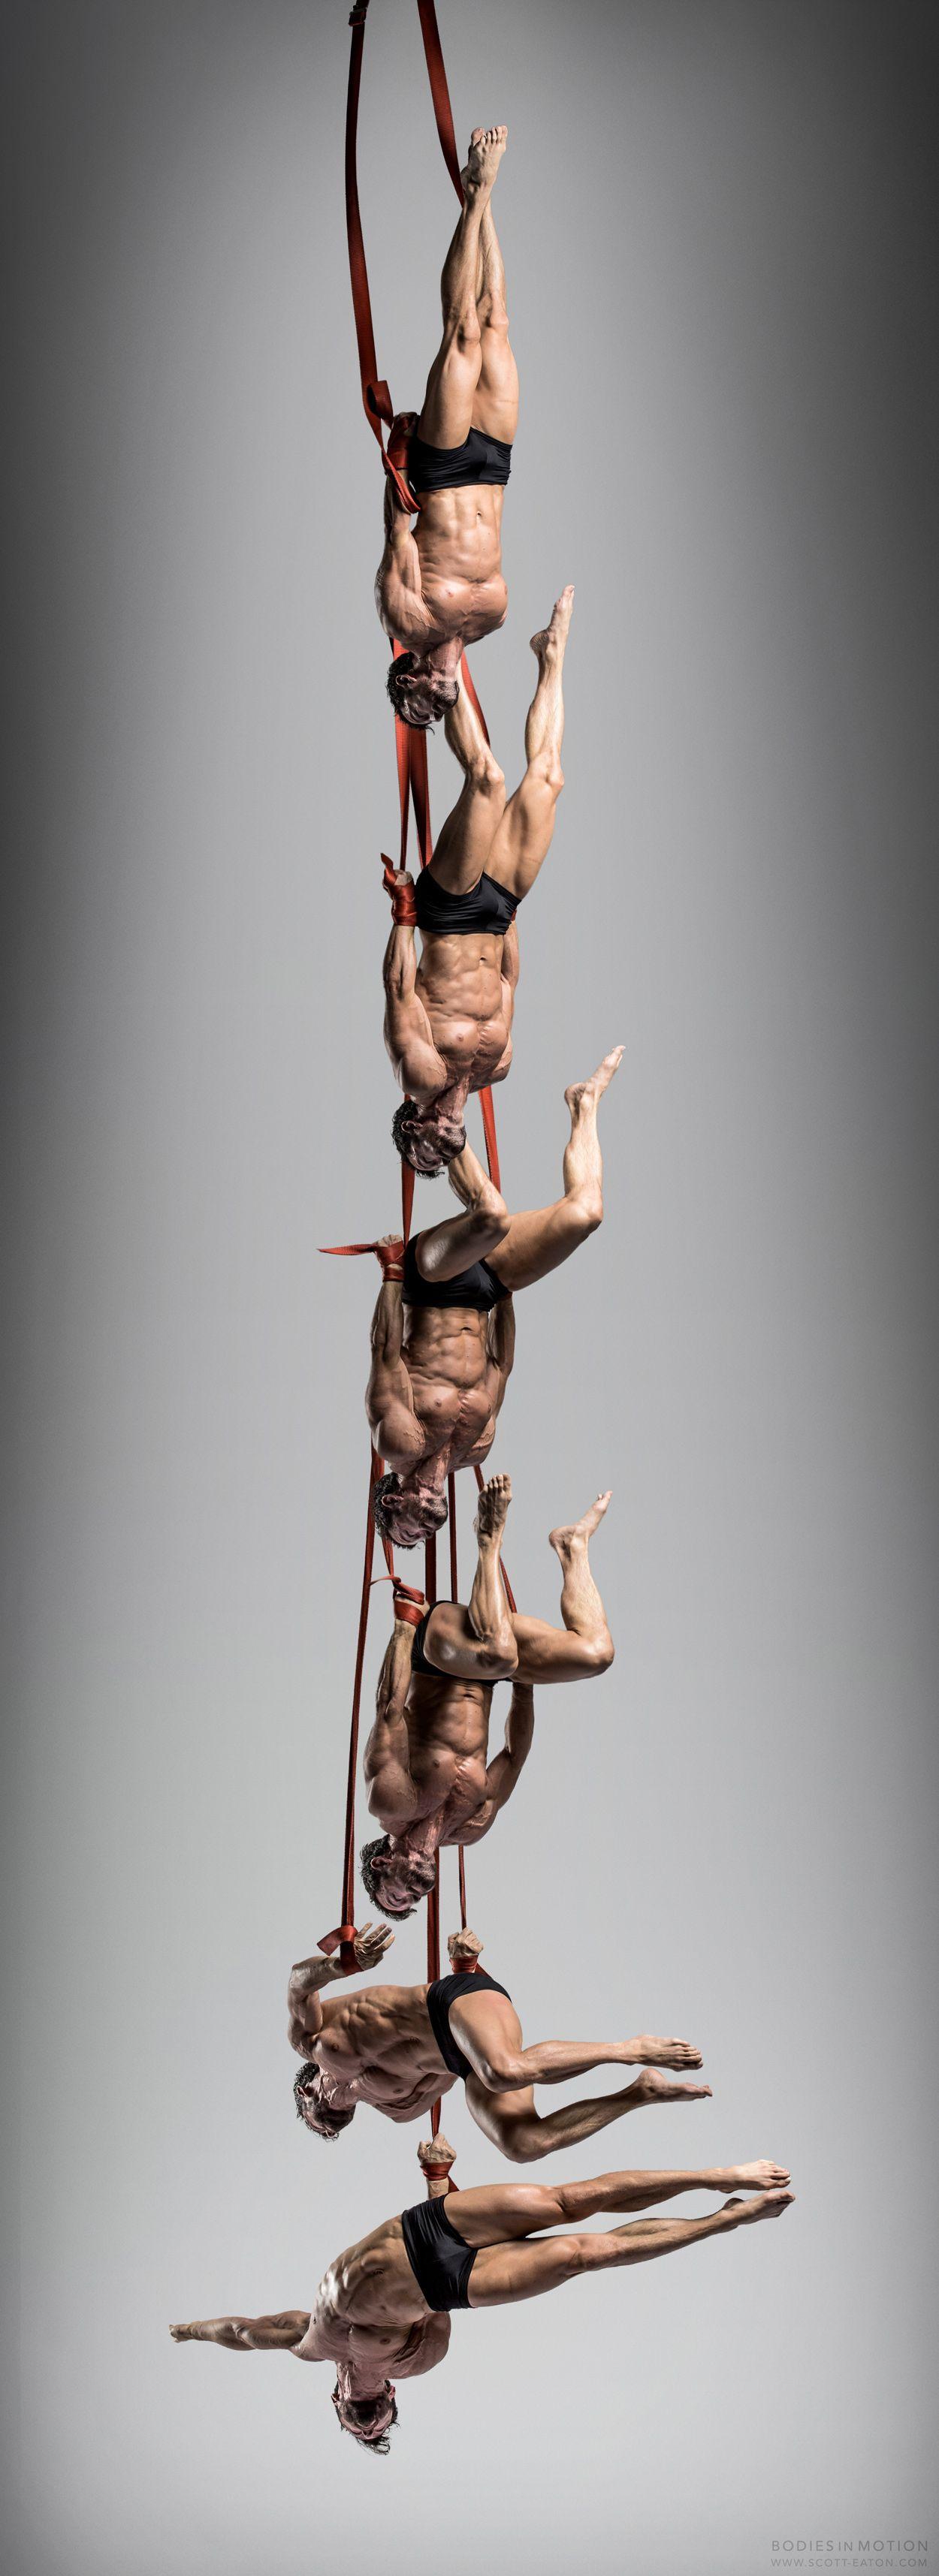 bodies-in-motion » Scott Eaton | Anatomía | Pinterest | Der körper ...